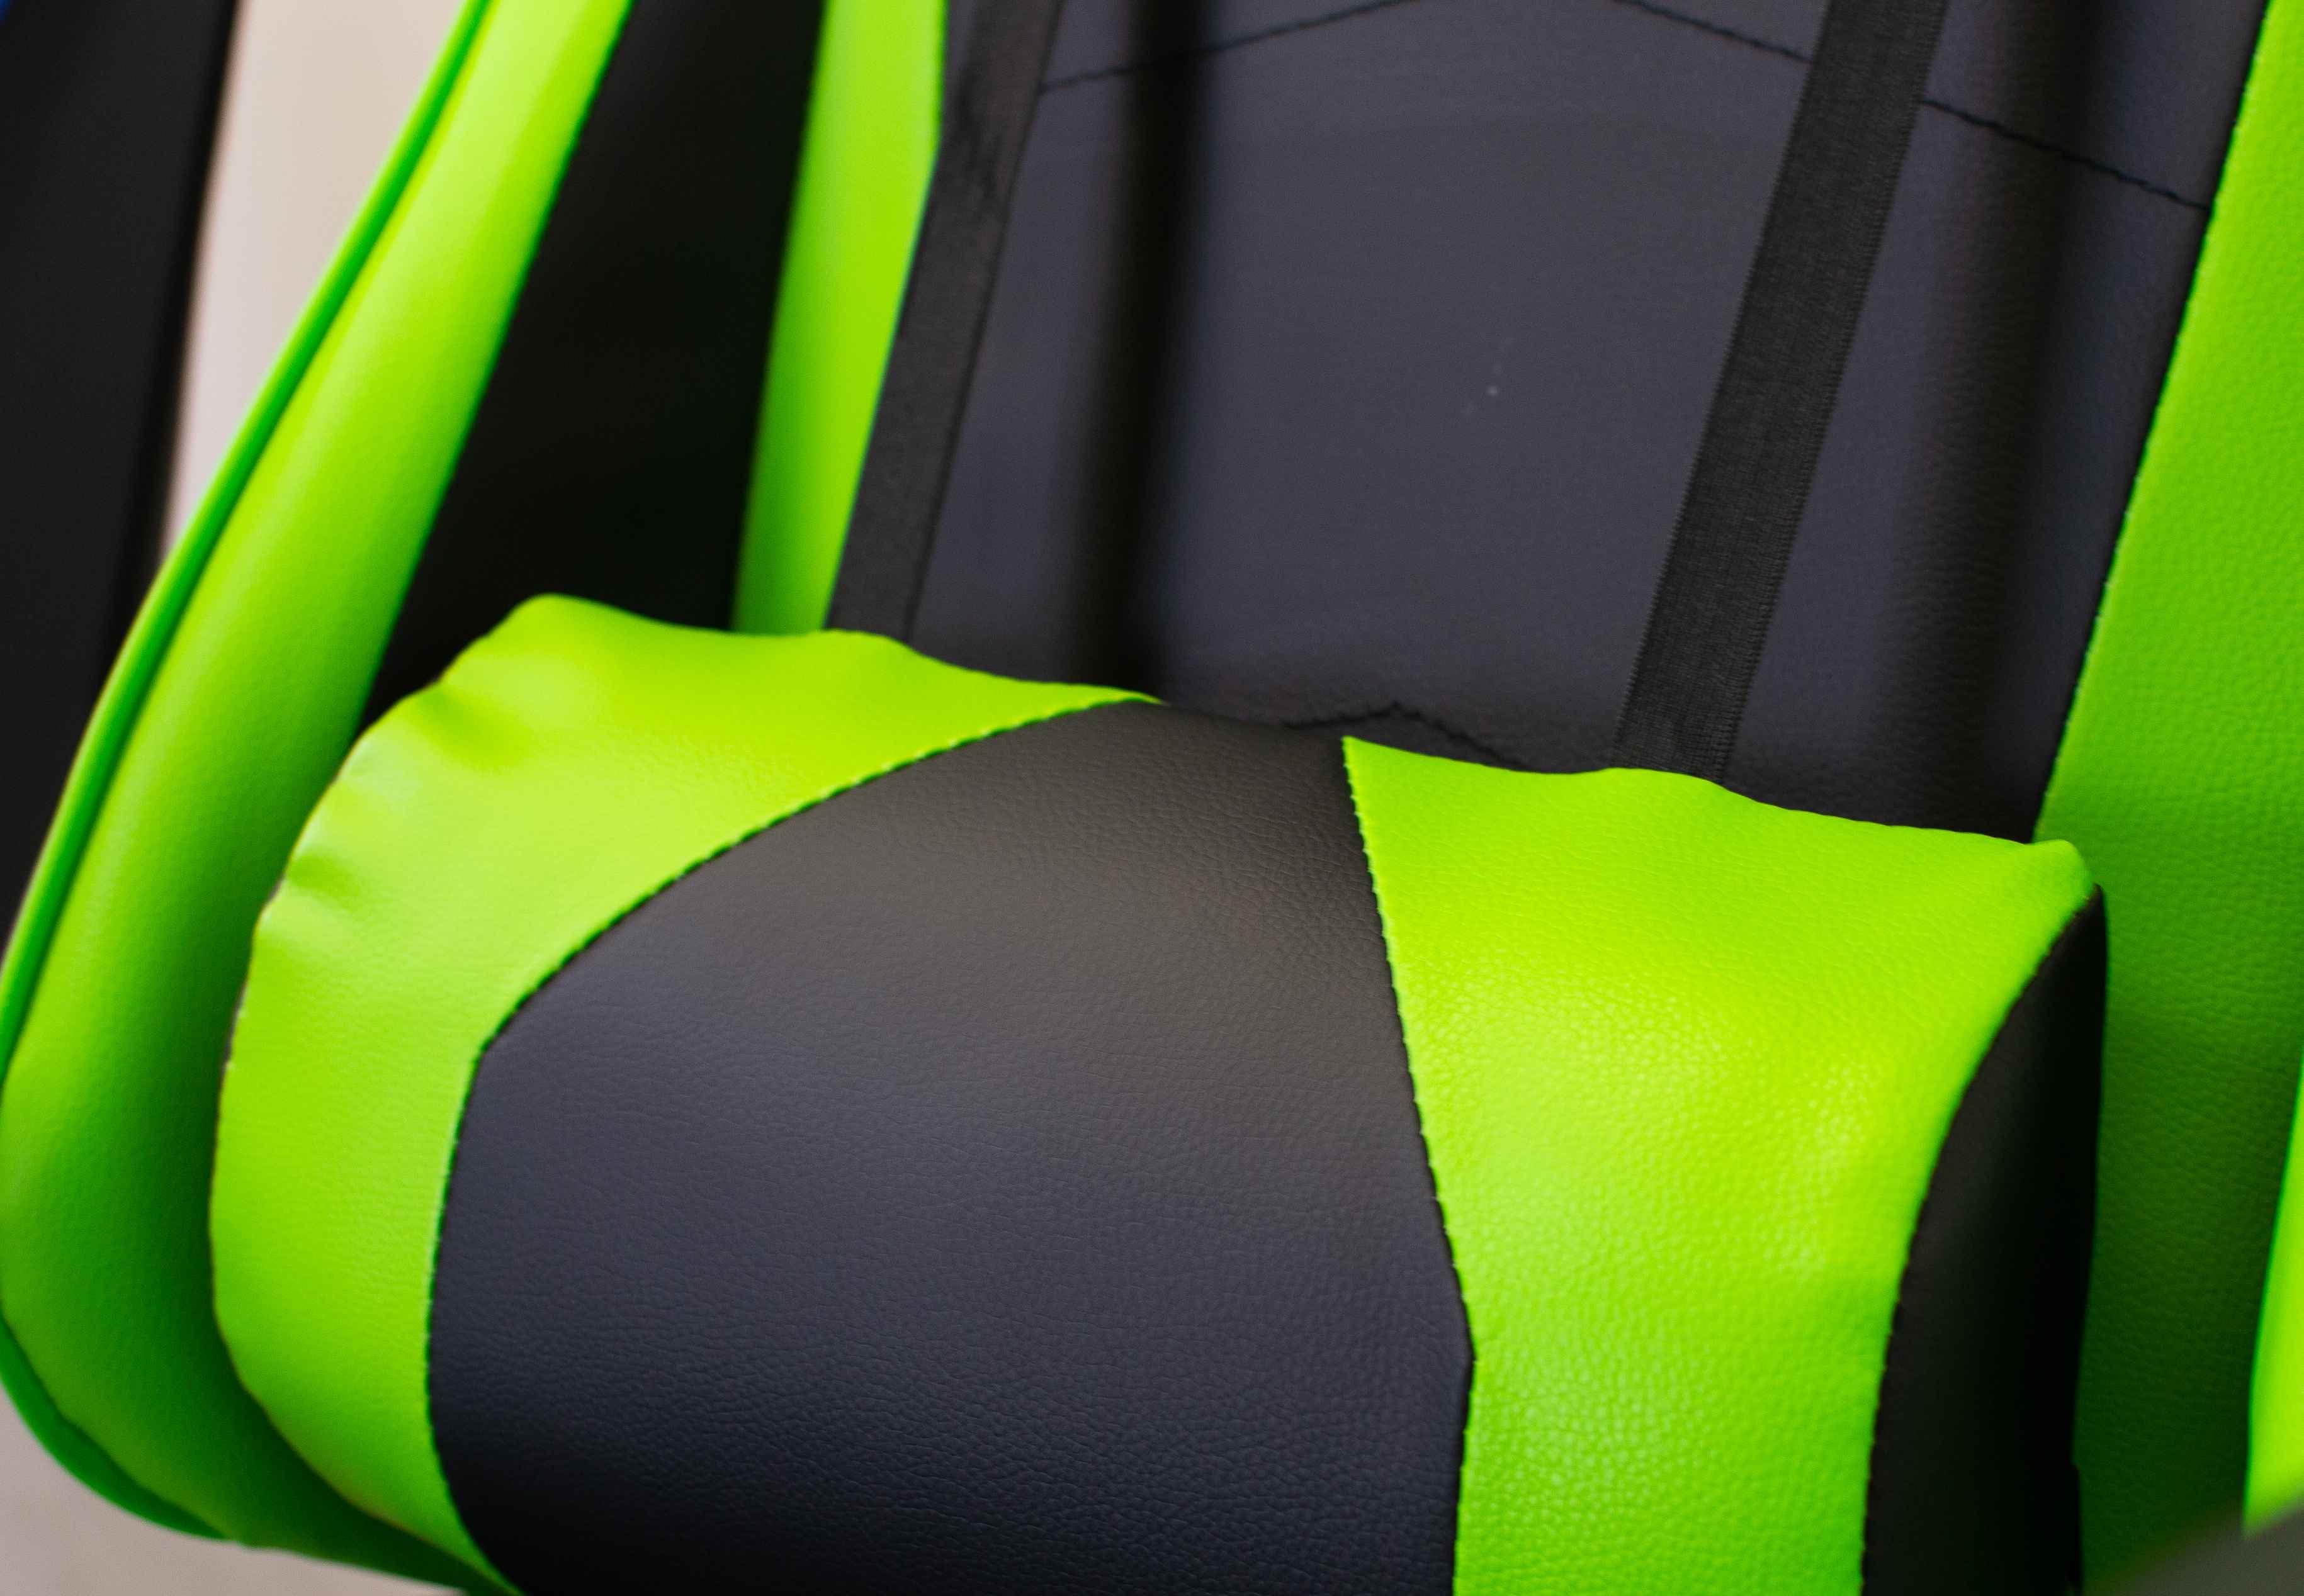 miniatura 54 - Sedia Poltrona da Gaming per Ufficio reclinabile Imbottita ergonomica GTX RTX